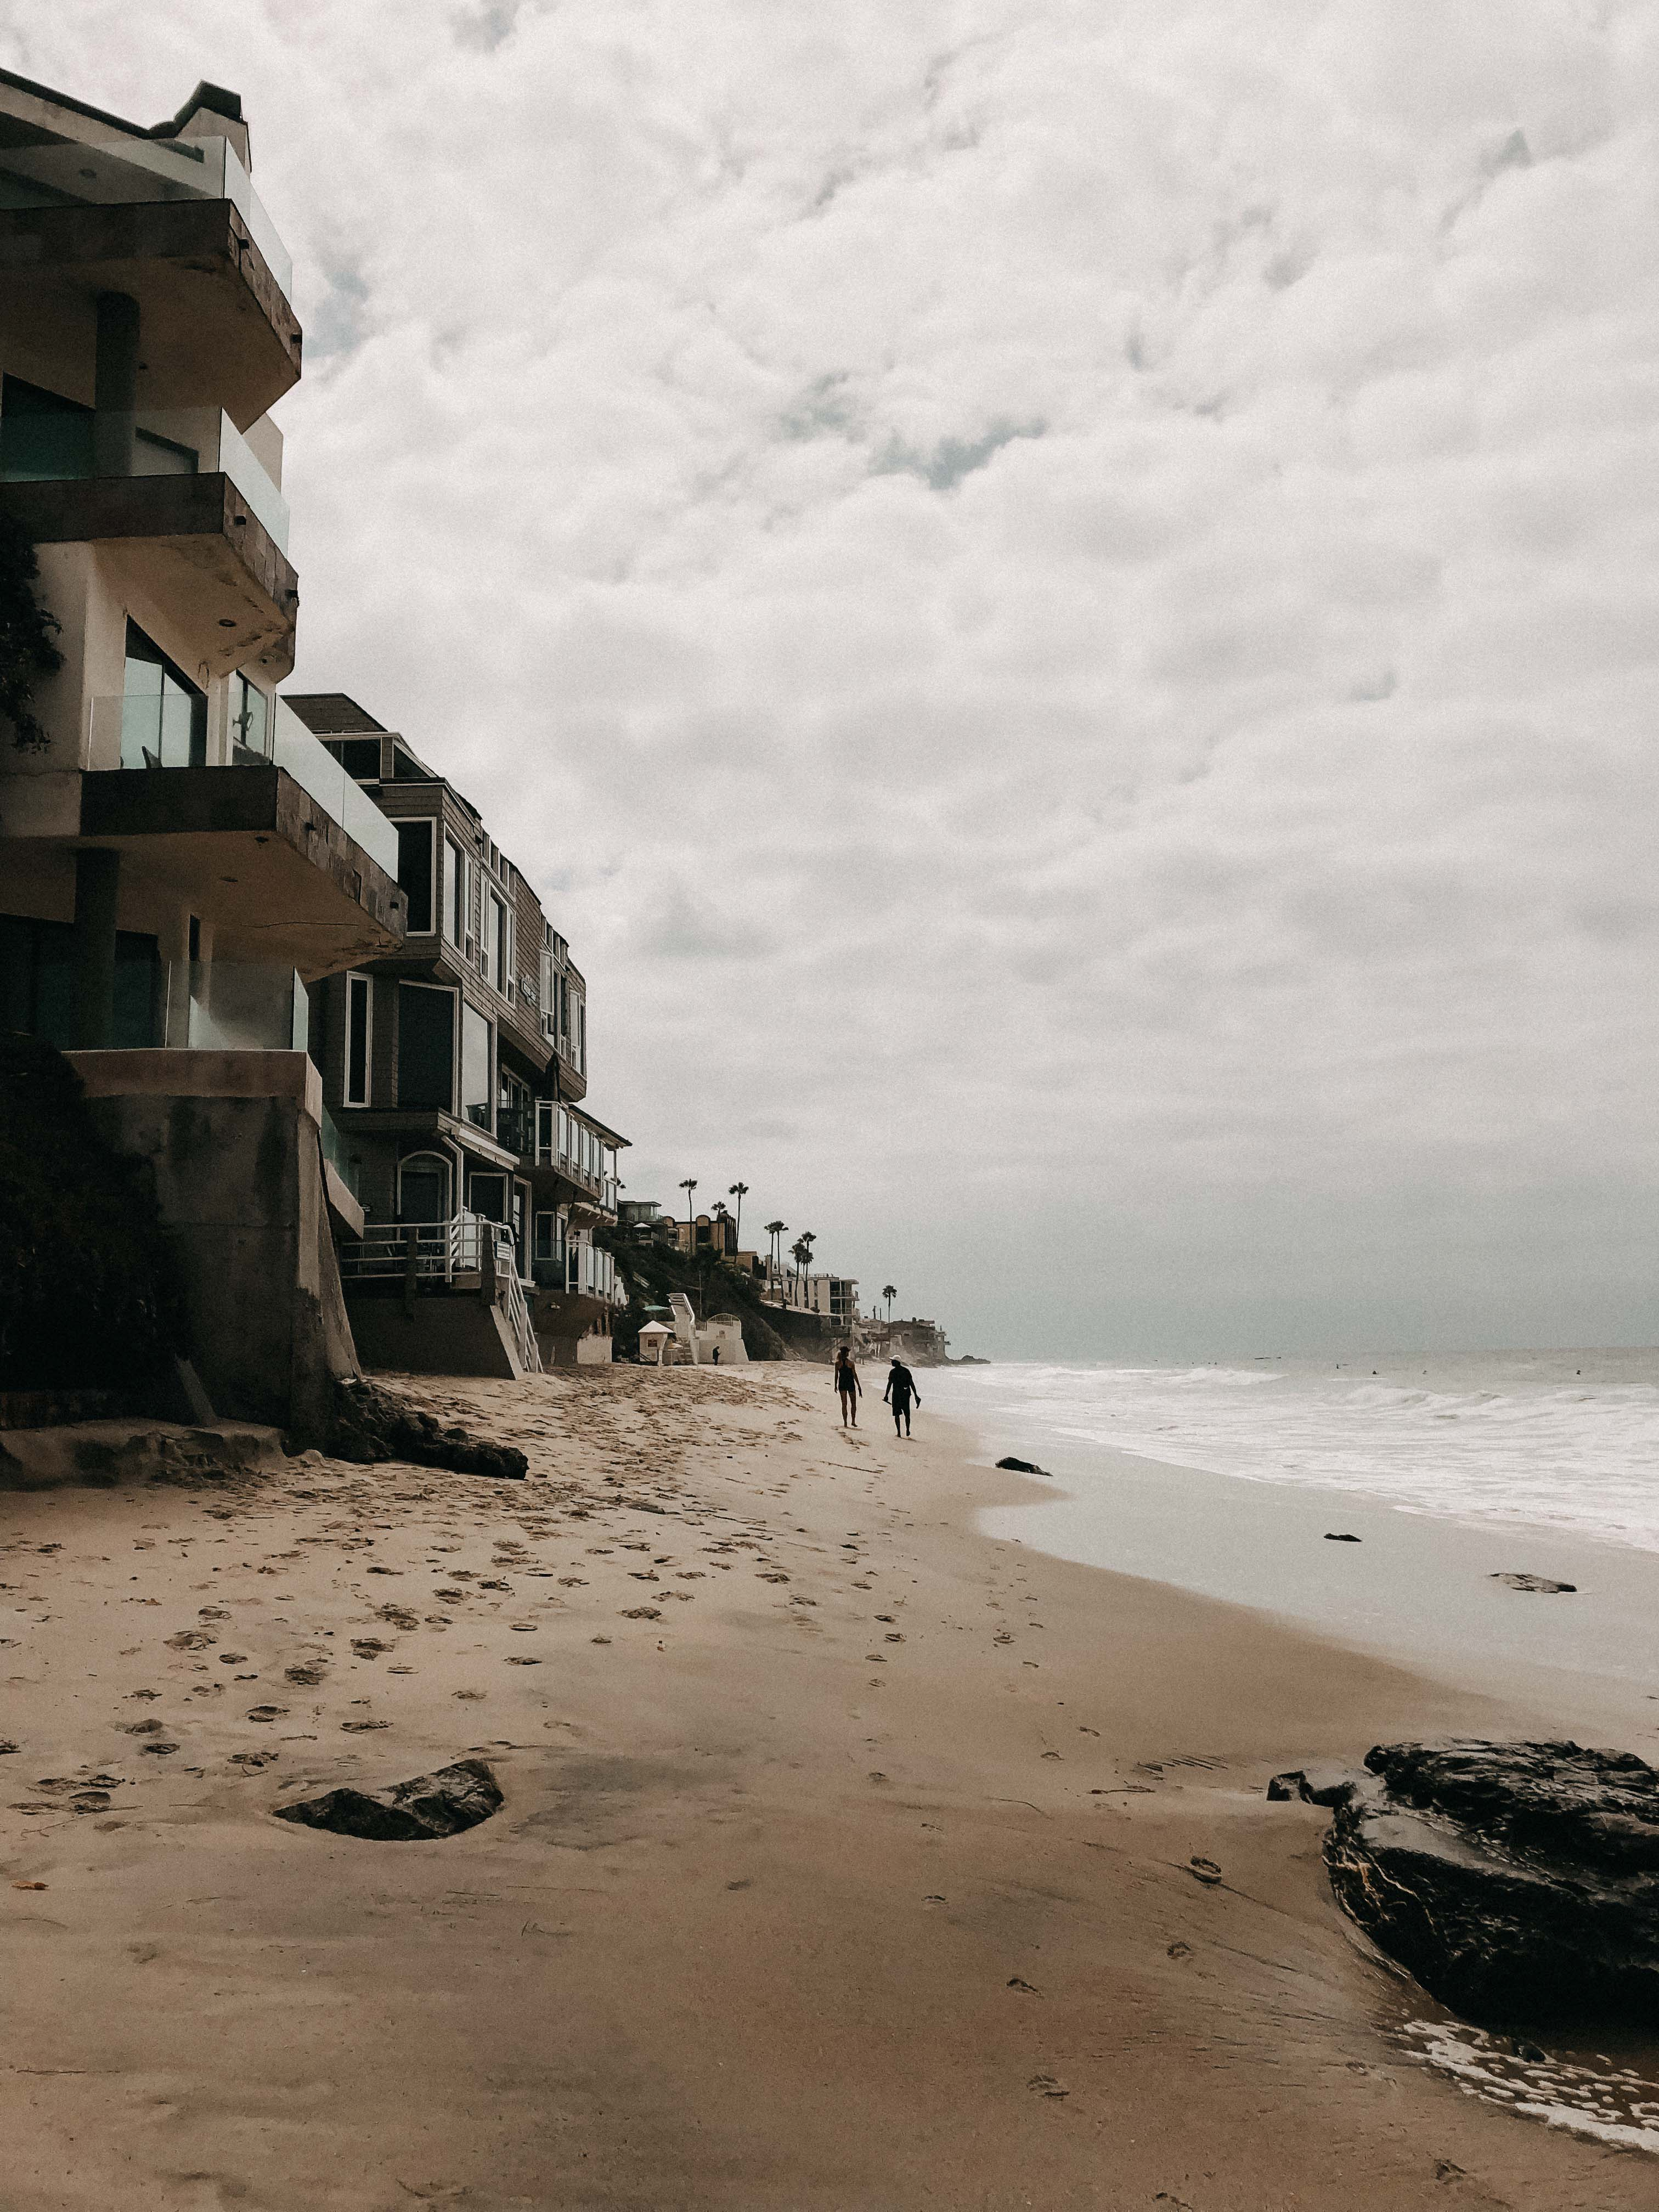 Top Insider Tipps Los Angeles Laguna Beach Traumstrände LA beste Strände Tipp bester Strand Empfehlung